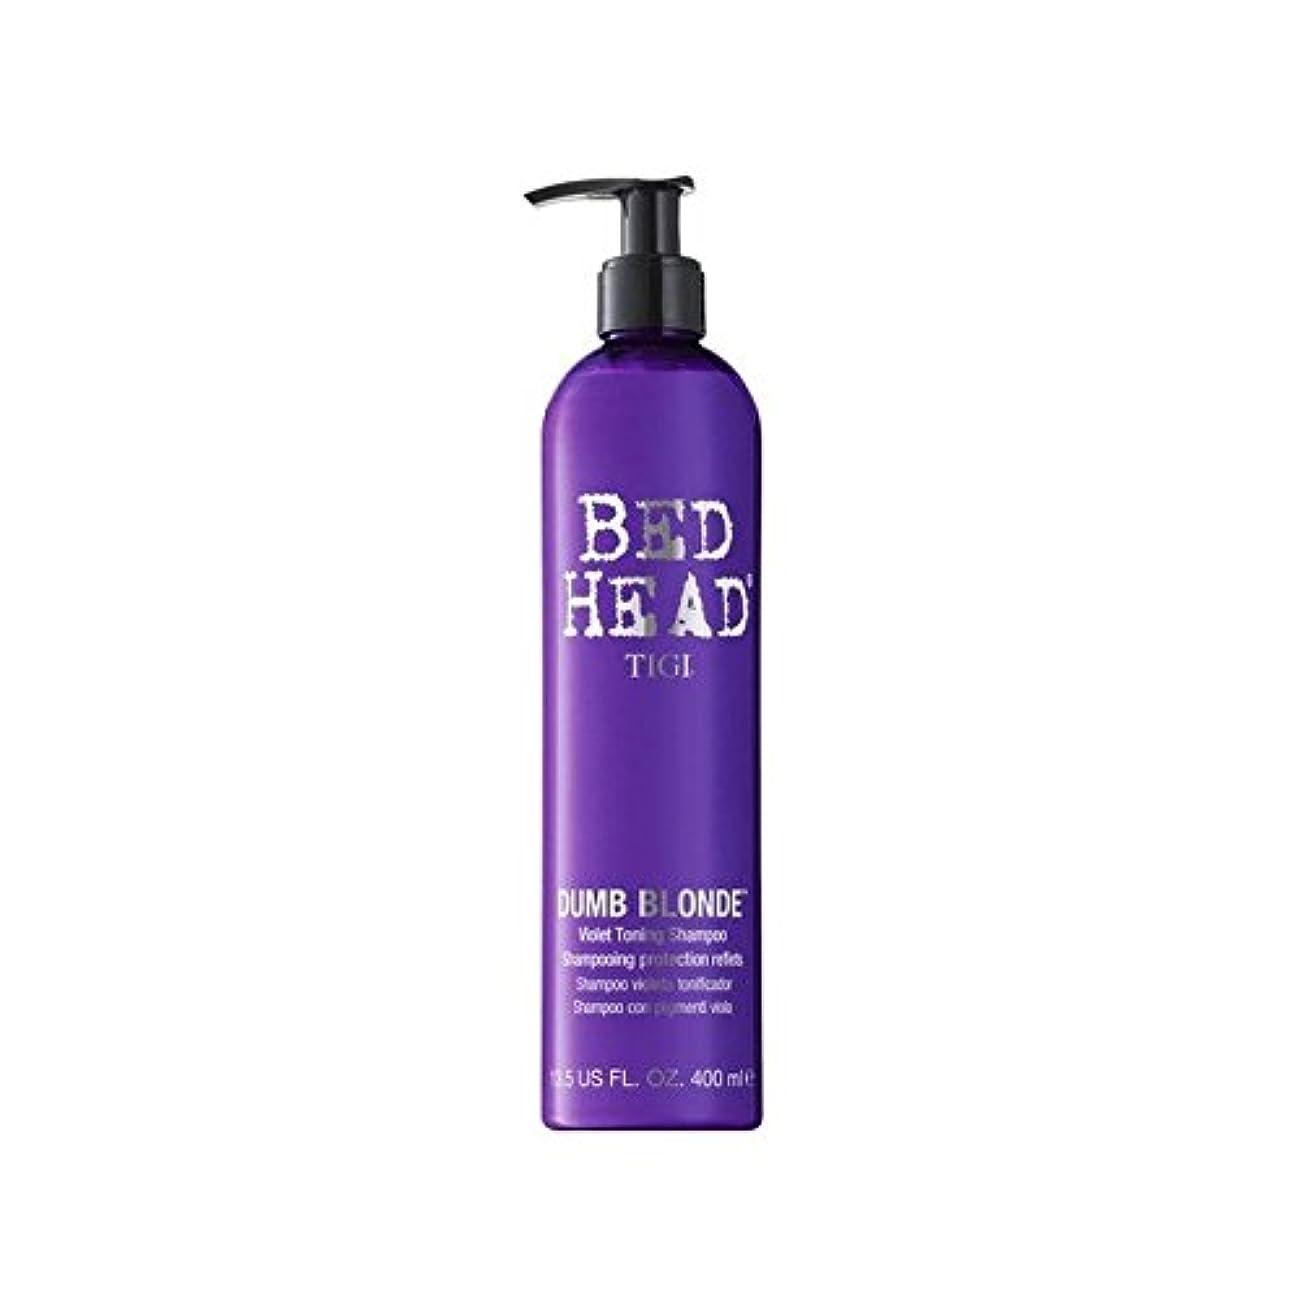 状態注入する指Tigi Bed Head Dumb Blonde Violet Toning Shampoo (400ml) - ティジーベッドヘッドダムブロンド紫色調色シャンプー(400ミリリットル) [並行輸入品]